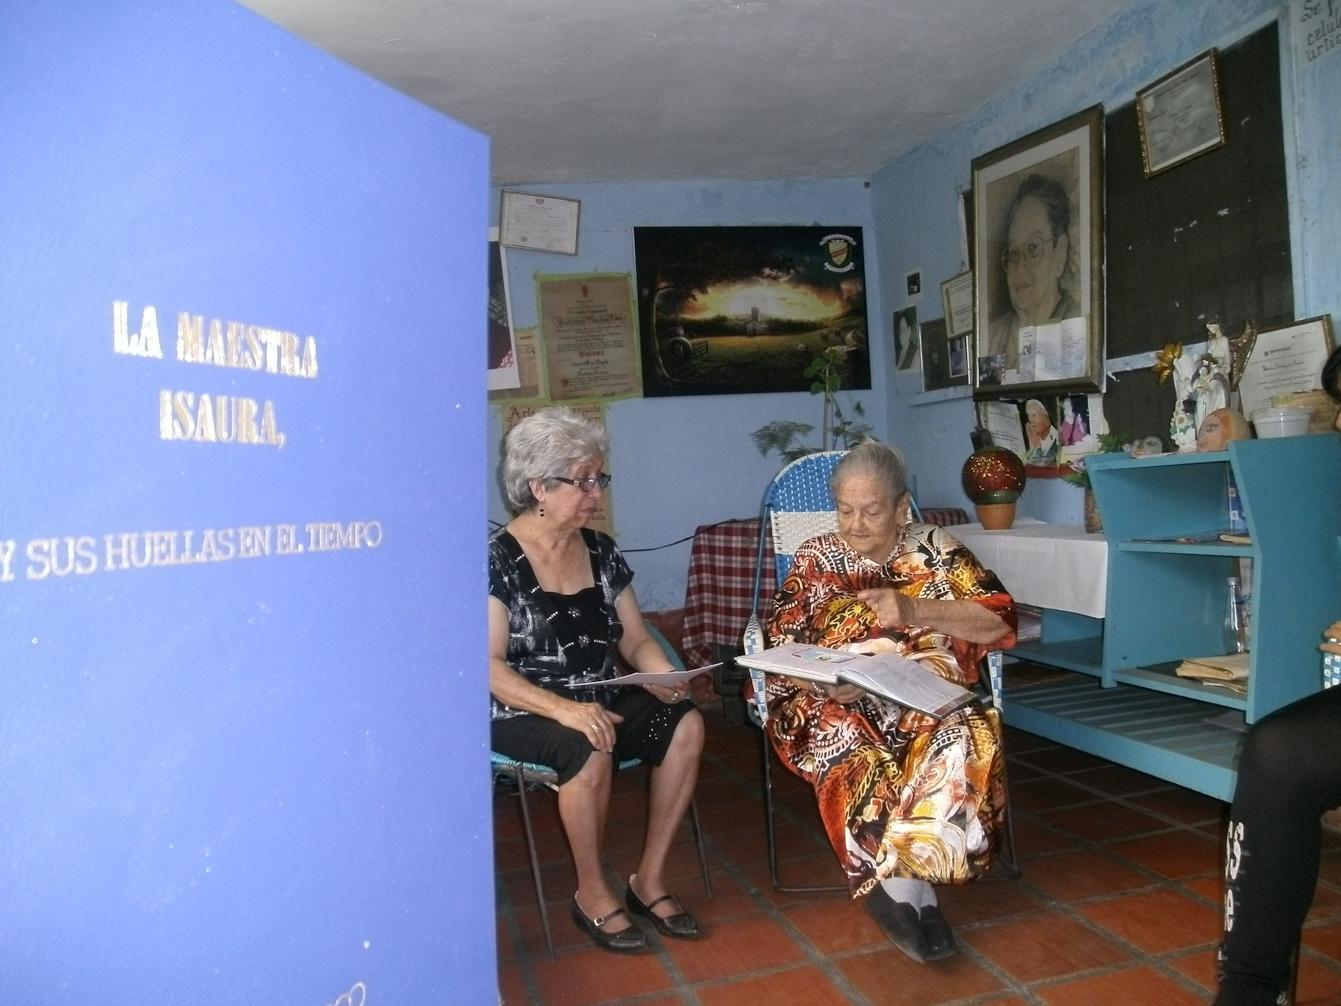 En compañía de Baudilia Correa de Ruiz, amiga y educadora, la Maestra Isaura se mantiene activa escribiendo sus memorias... TAGS:upata,Cultura,Patrimon,patrimonio cultural